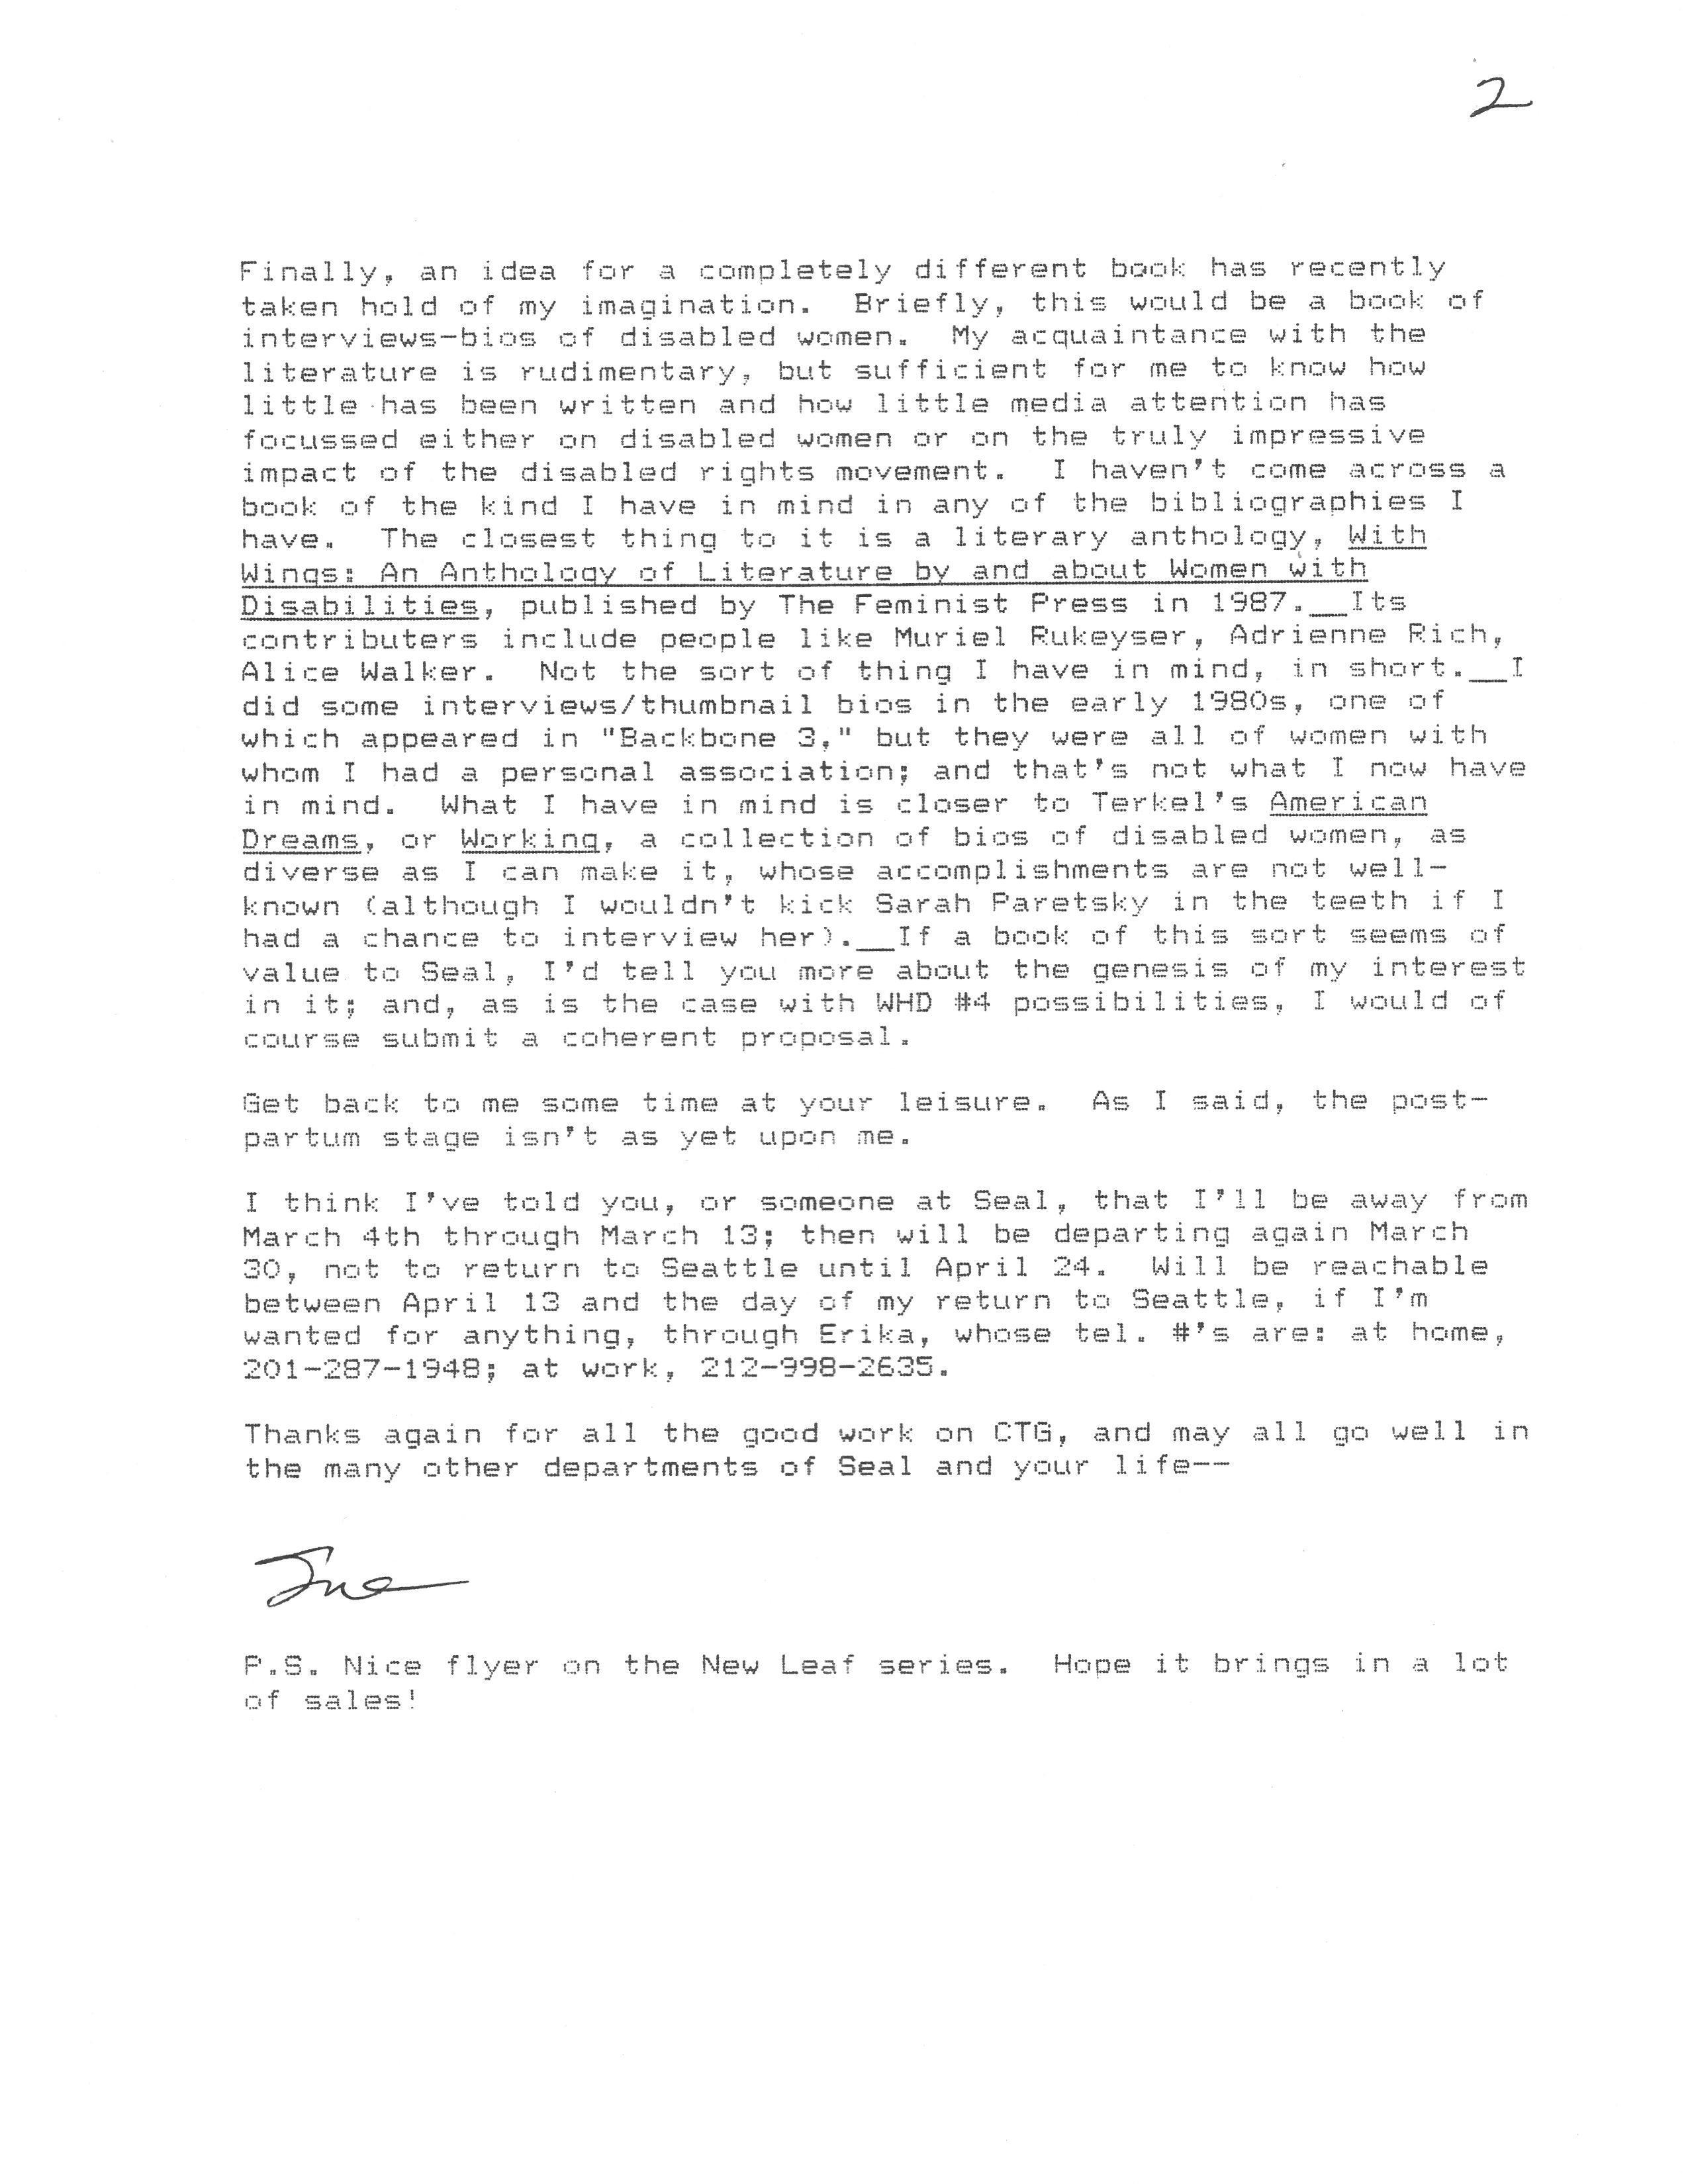 davidson letter pt2